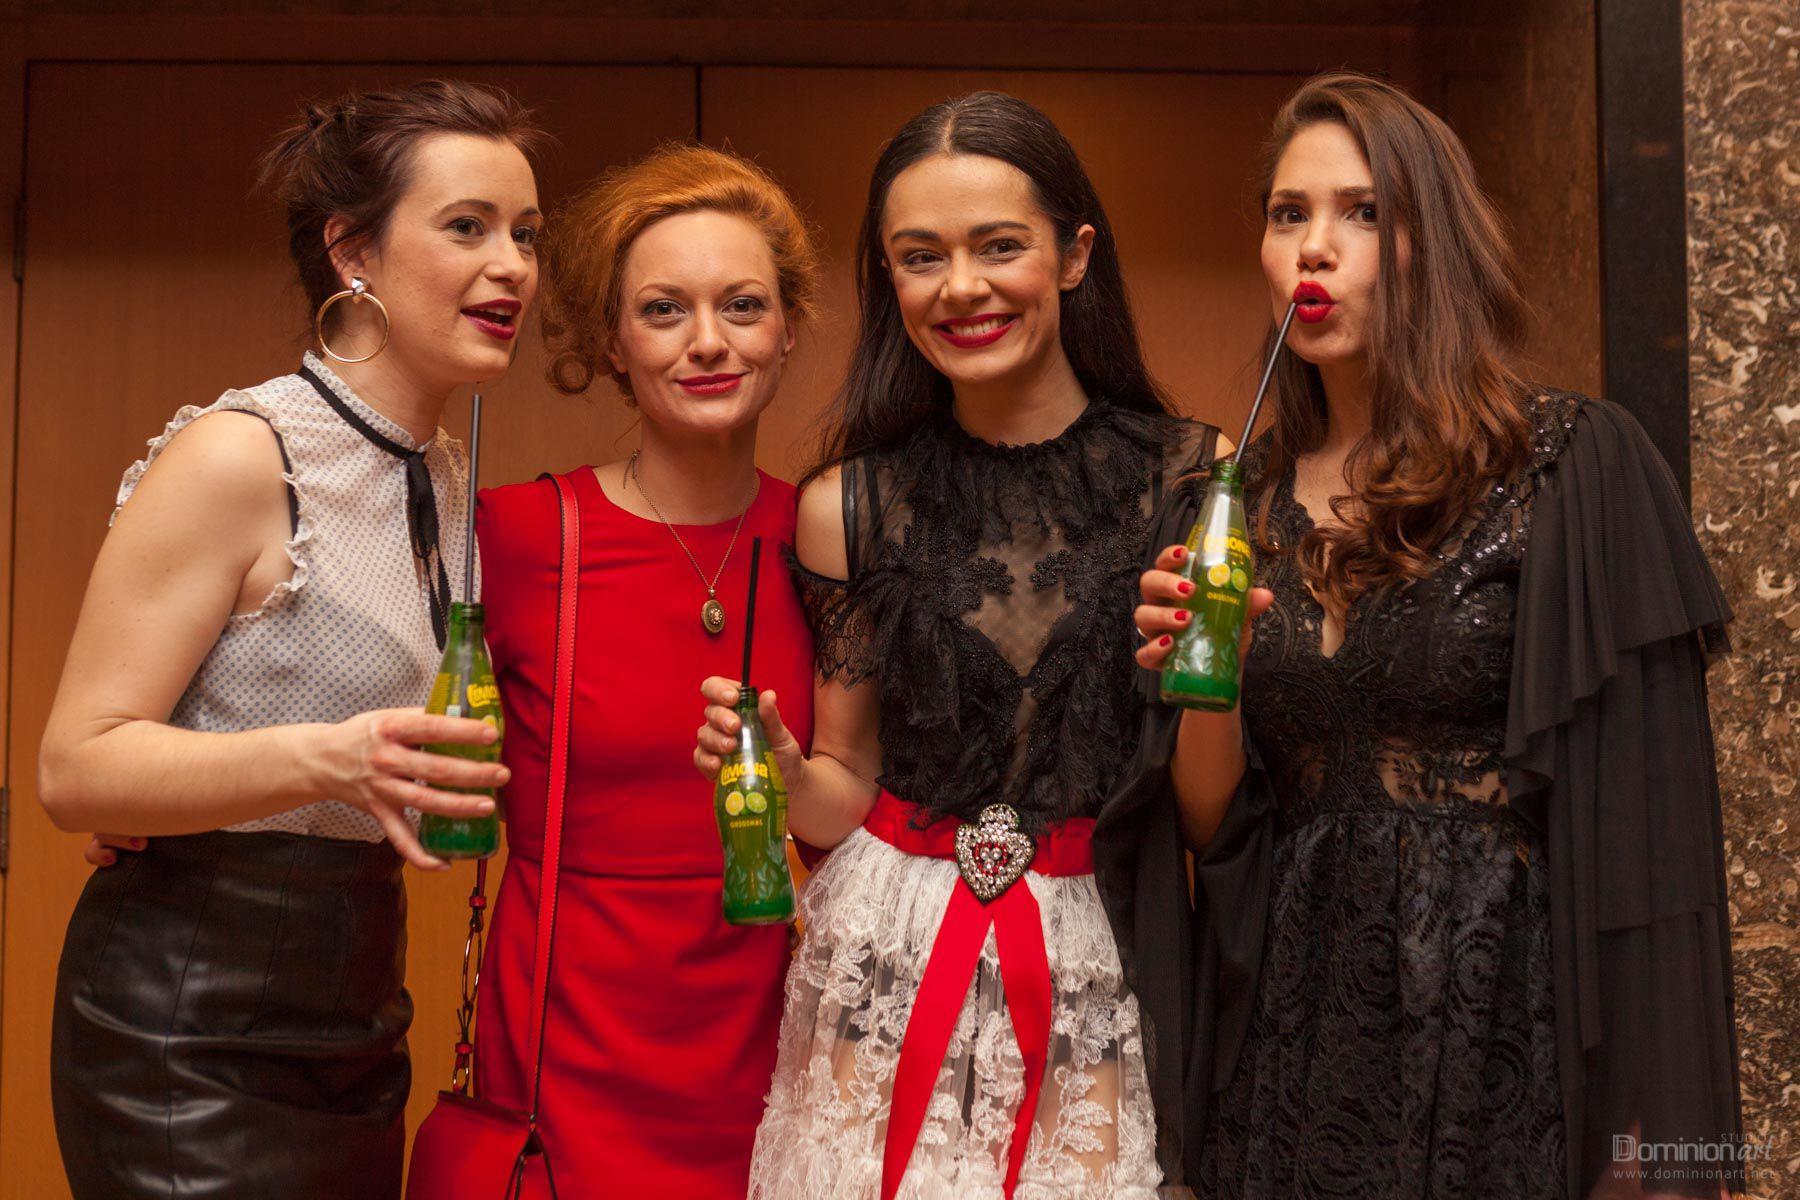 Četiri izvanredne žene pronašle osvježenje u Limoni